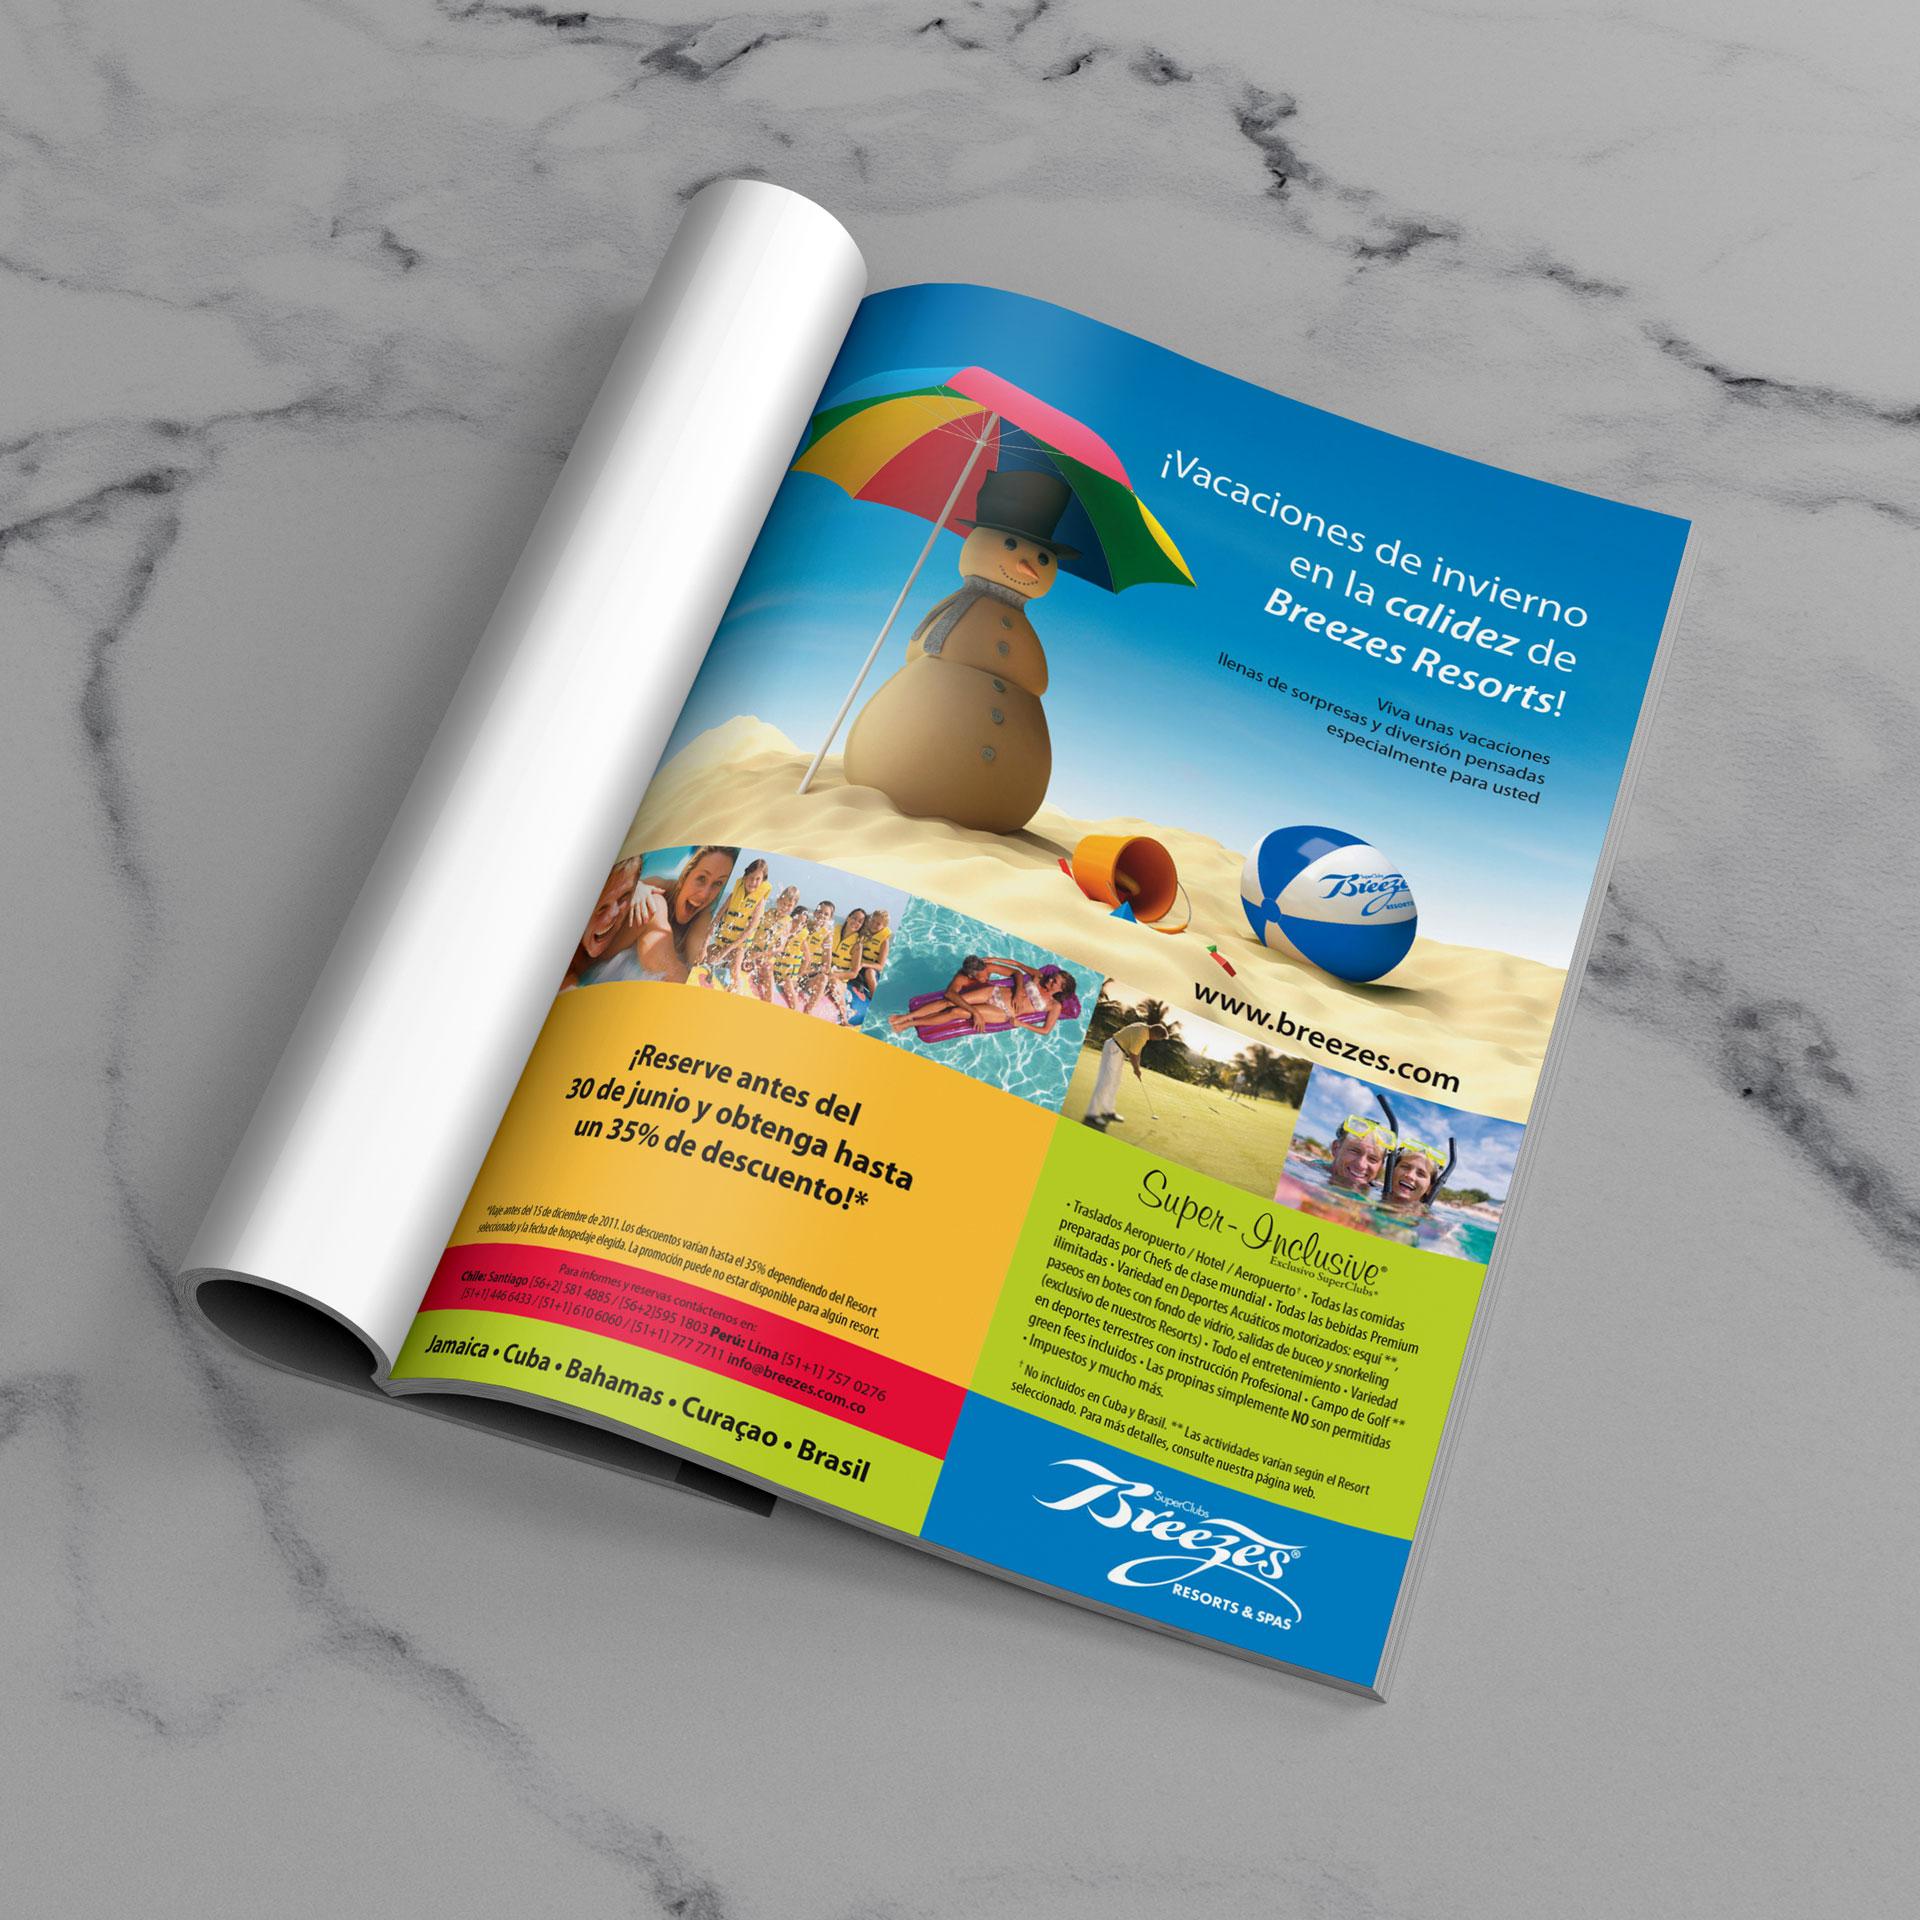 Campaña Breezes Resorts en Jamaica